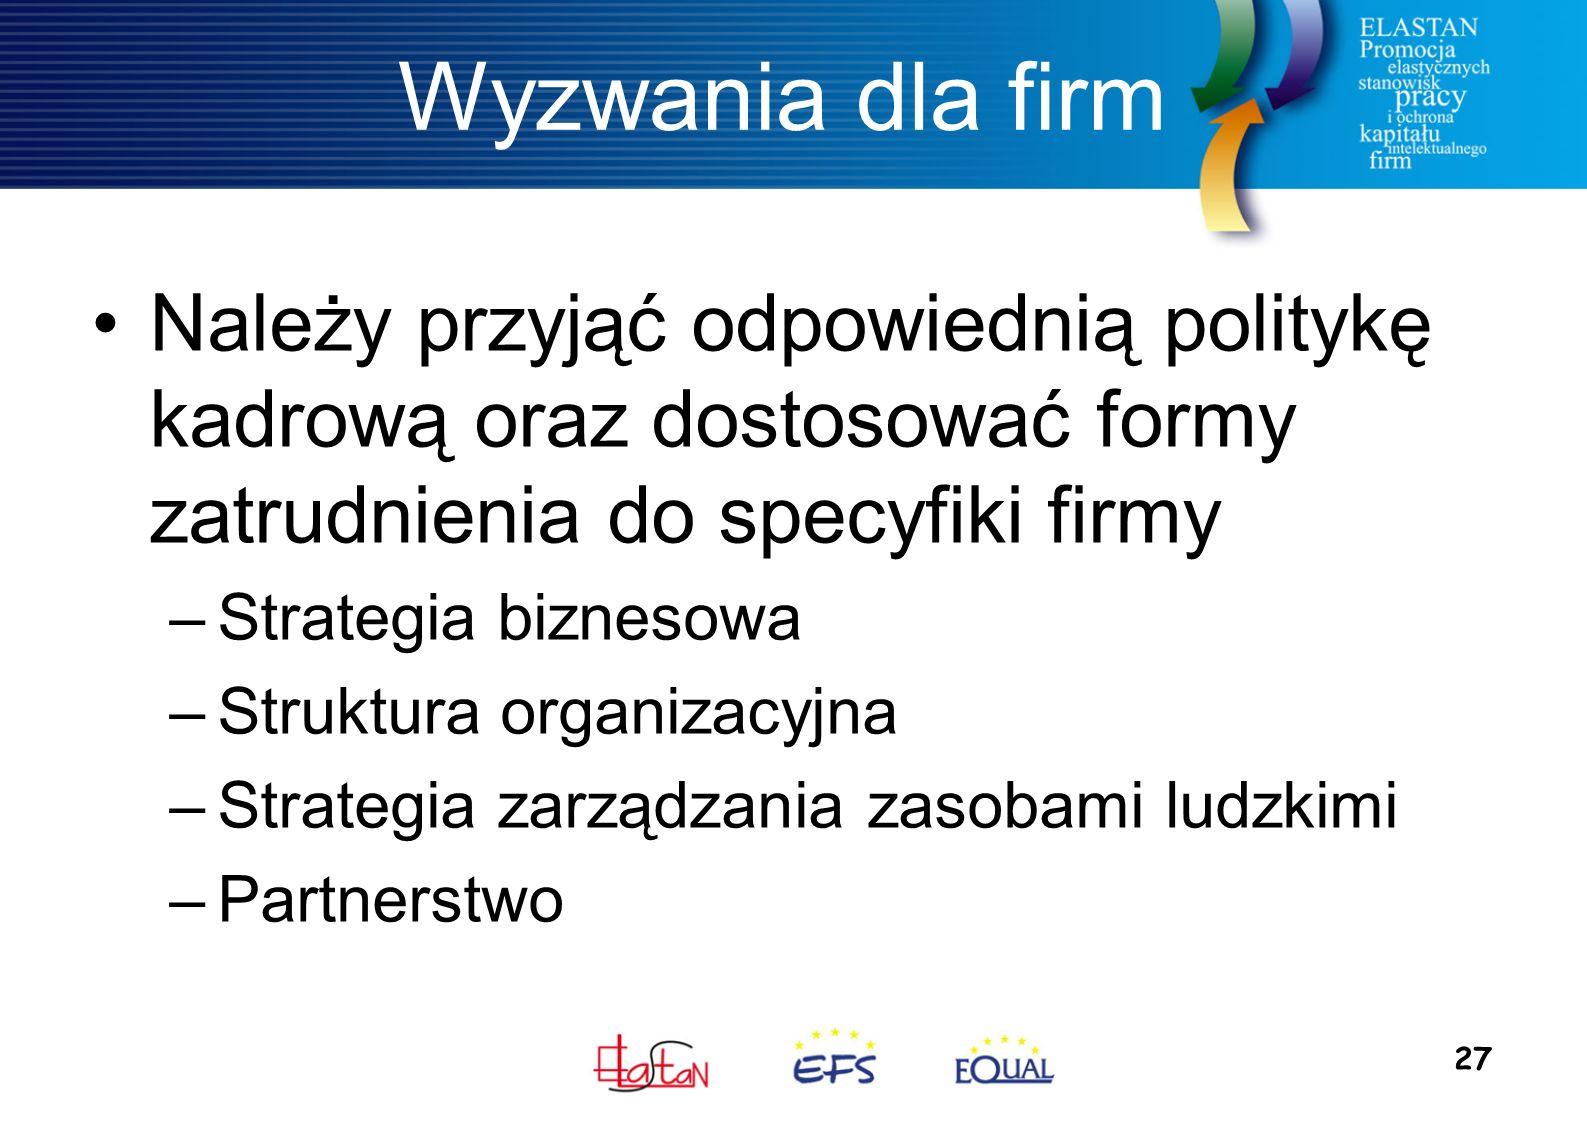 27 Wyzwania dla firm Należy przyjąć odpowiednią politykę kadrową oraz dostosować formy zatrudnienia do specyfiki firmy –Strategia biznesowa –Struktura organizacyjna –Strategia zarządzania zasobami ludzkimi –Partnerstwo